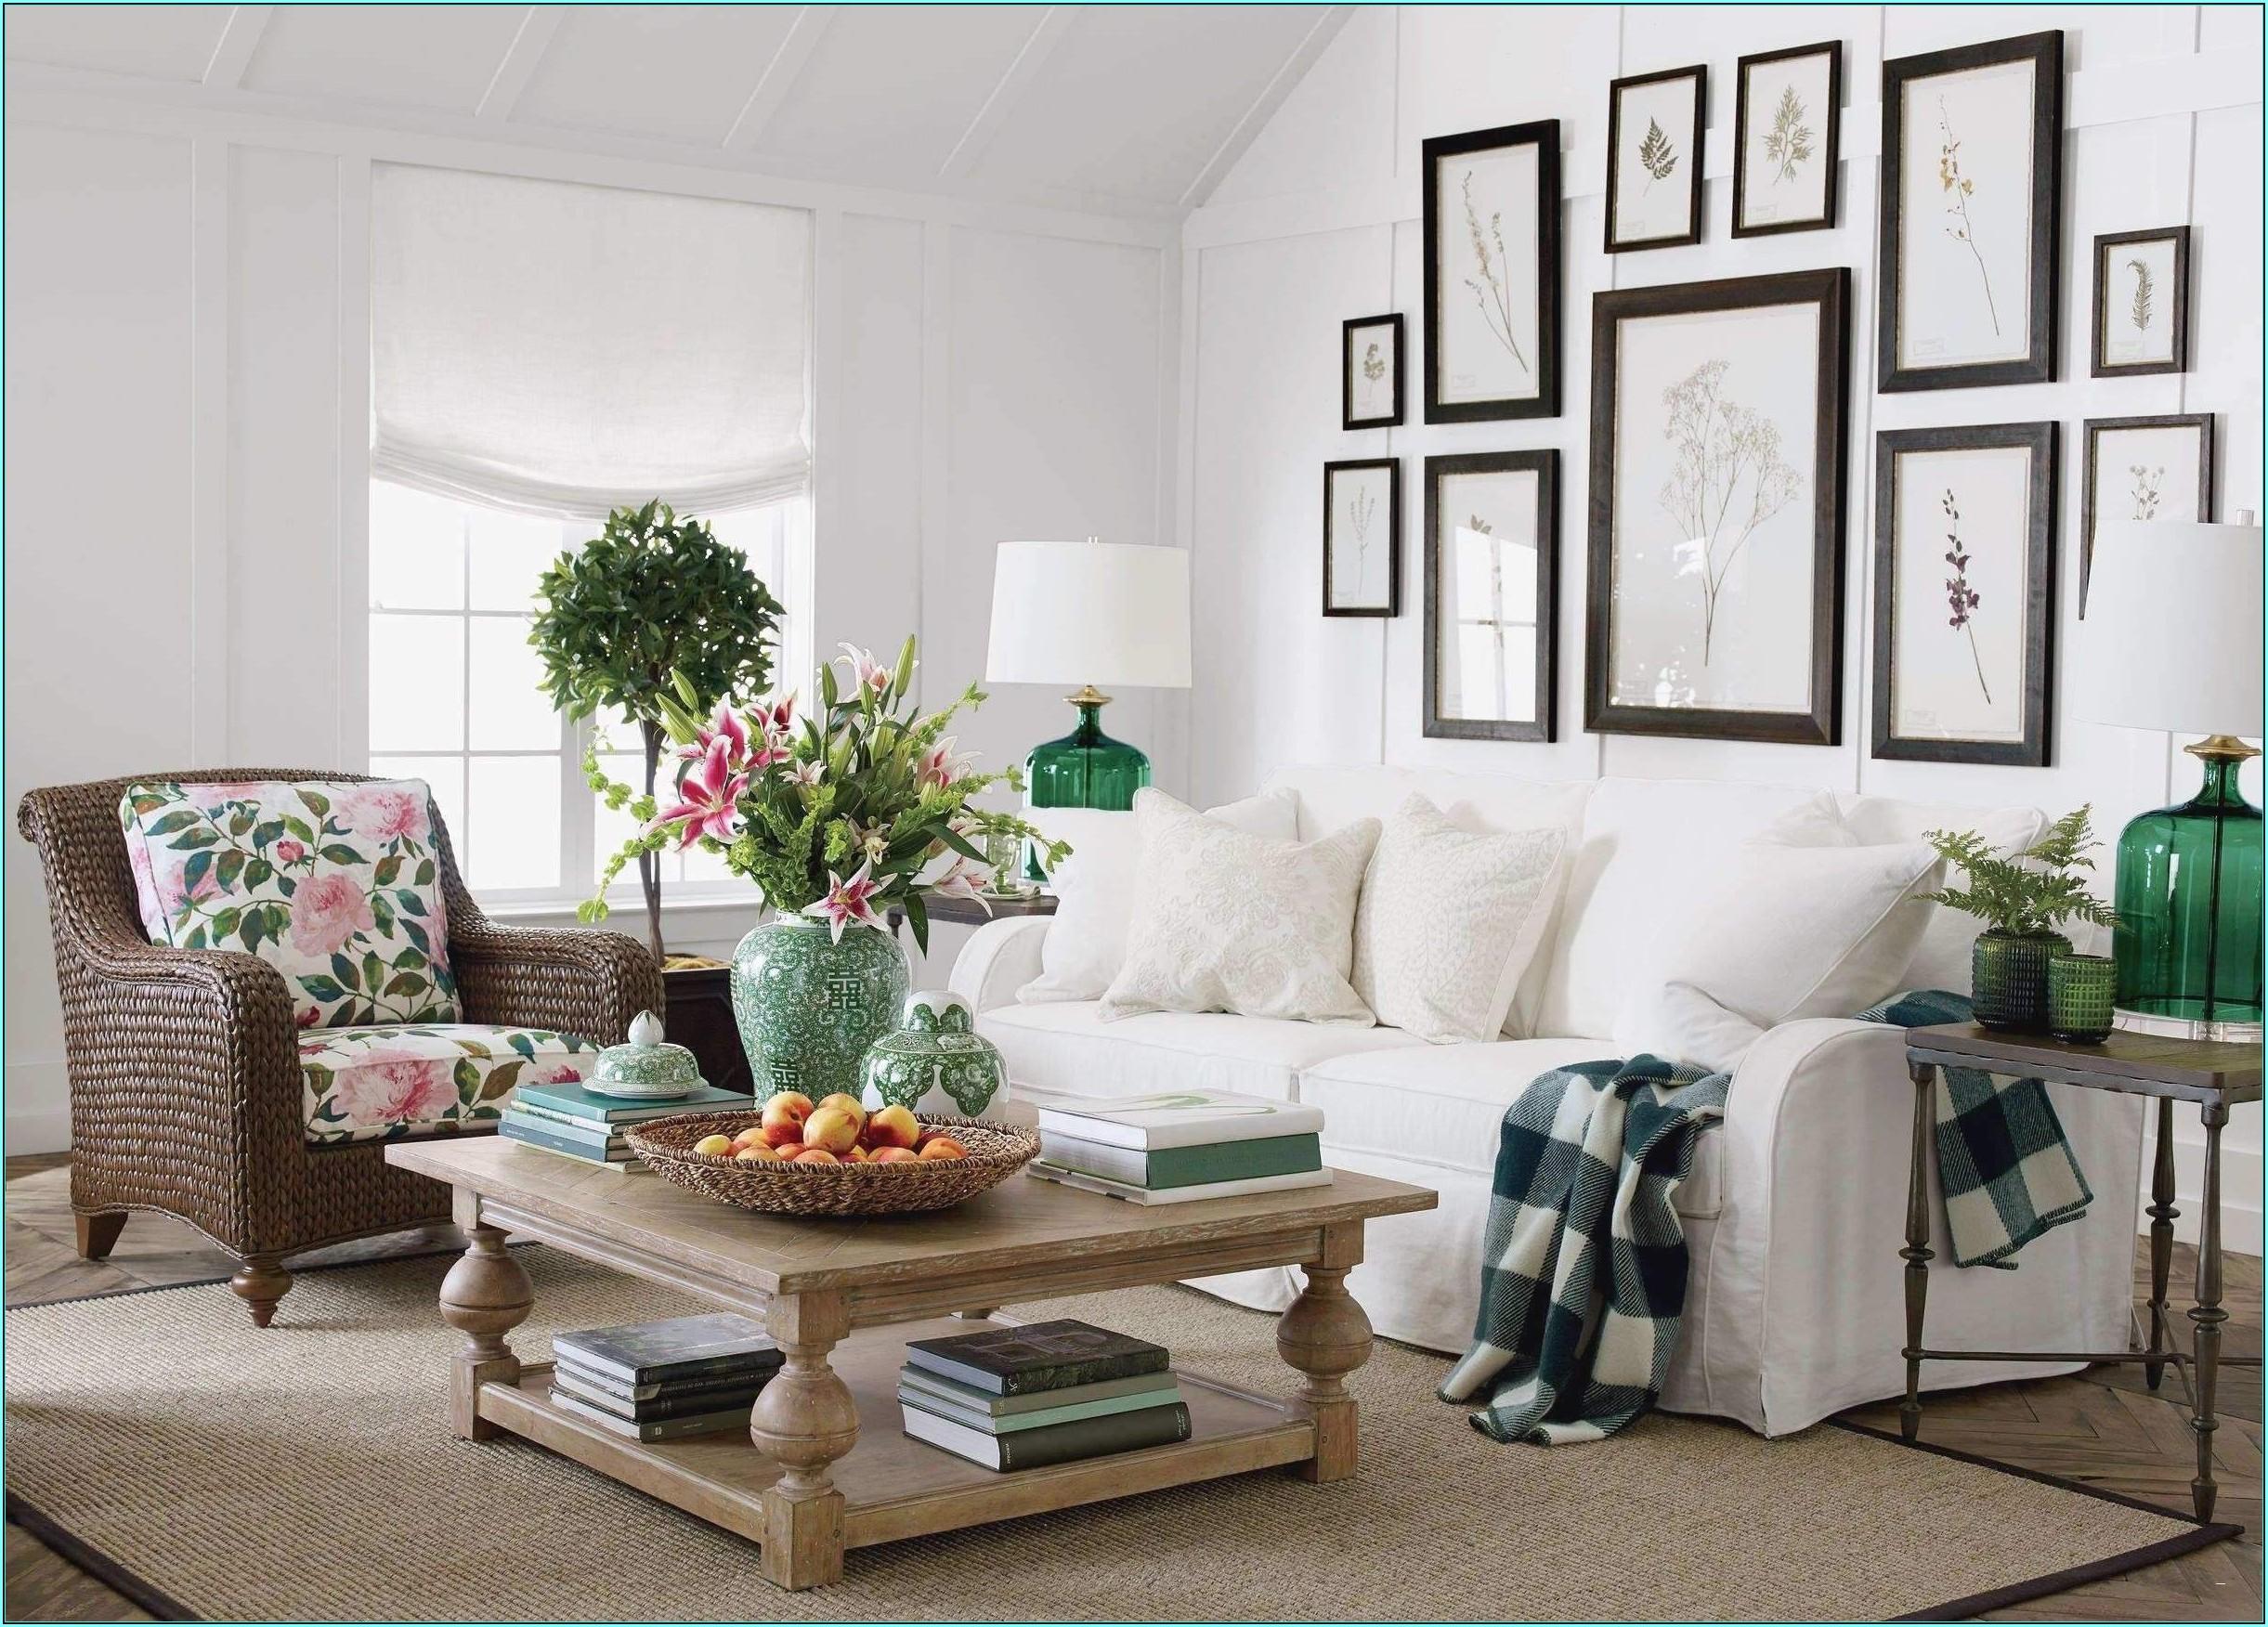 Wohnzimmer Streichen Ideen Streifen - wohnzimmer : House ...